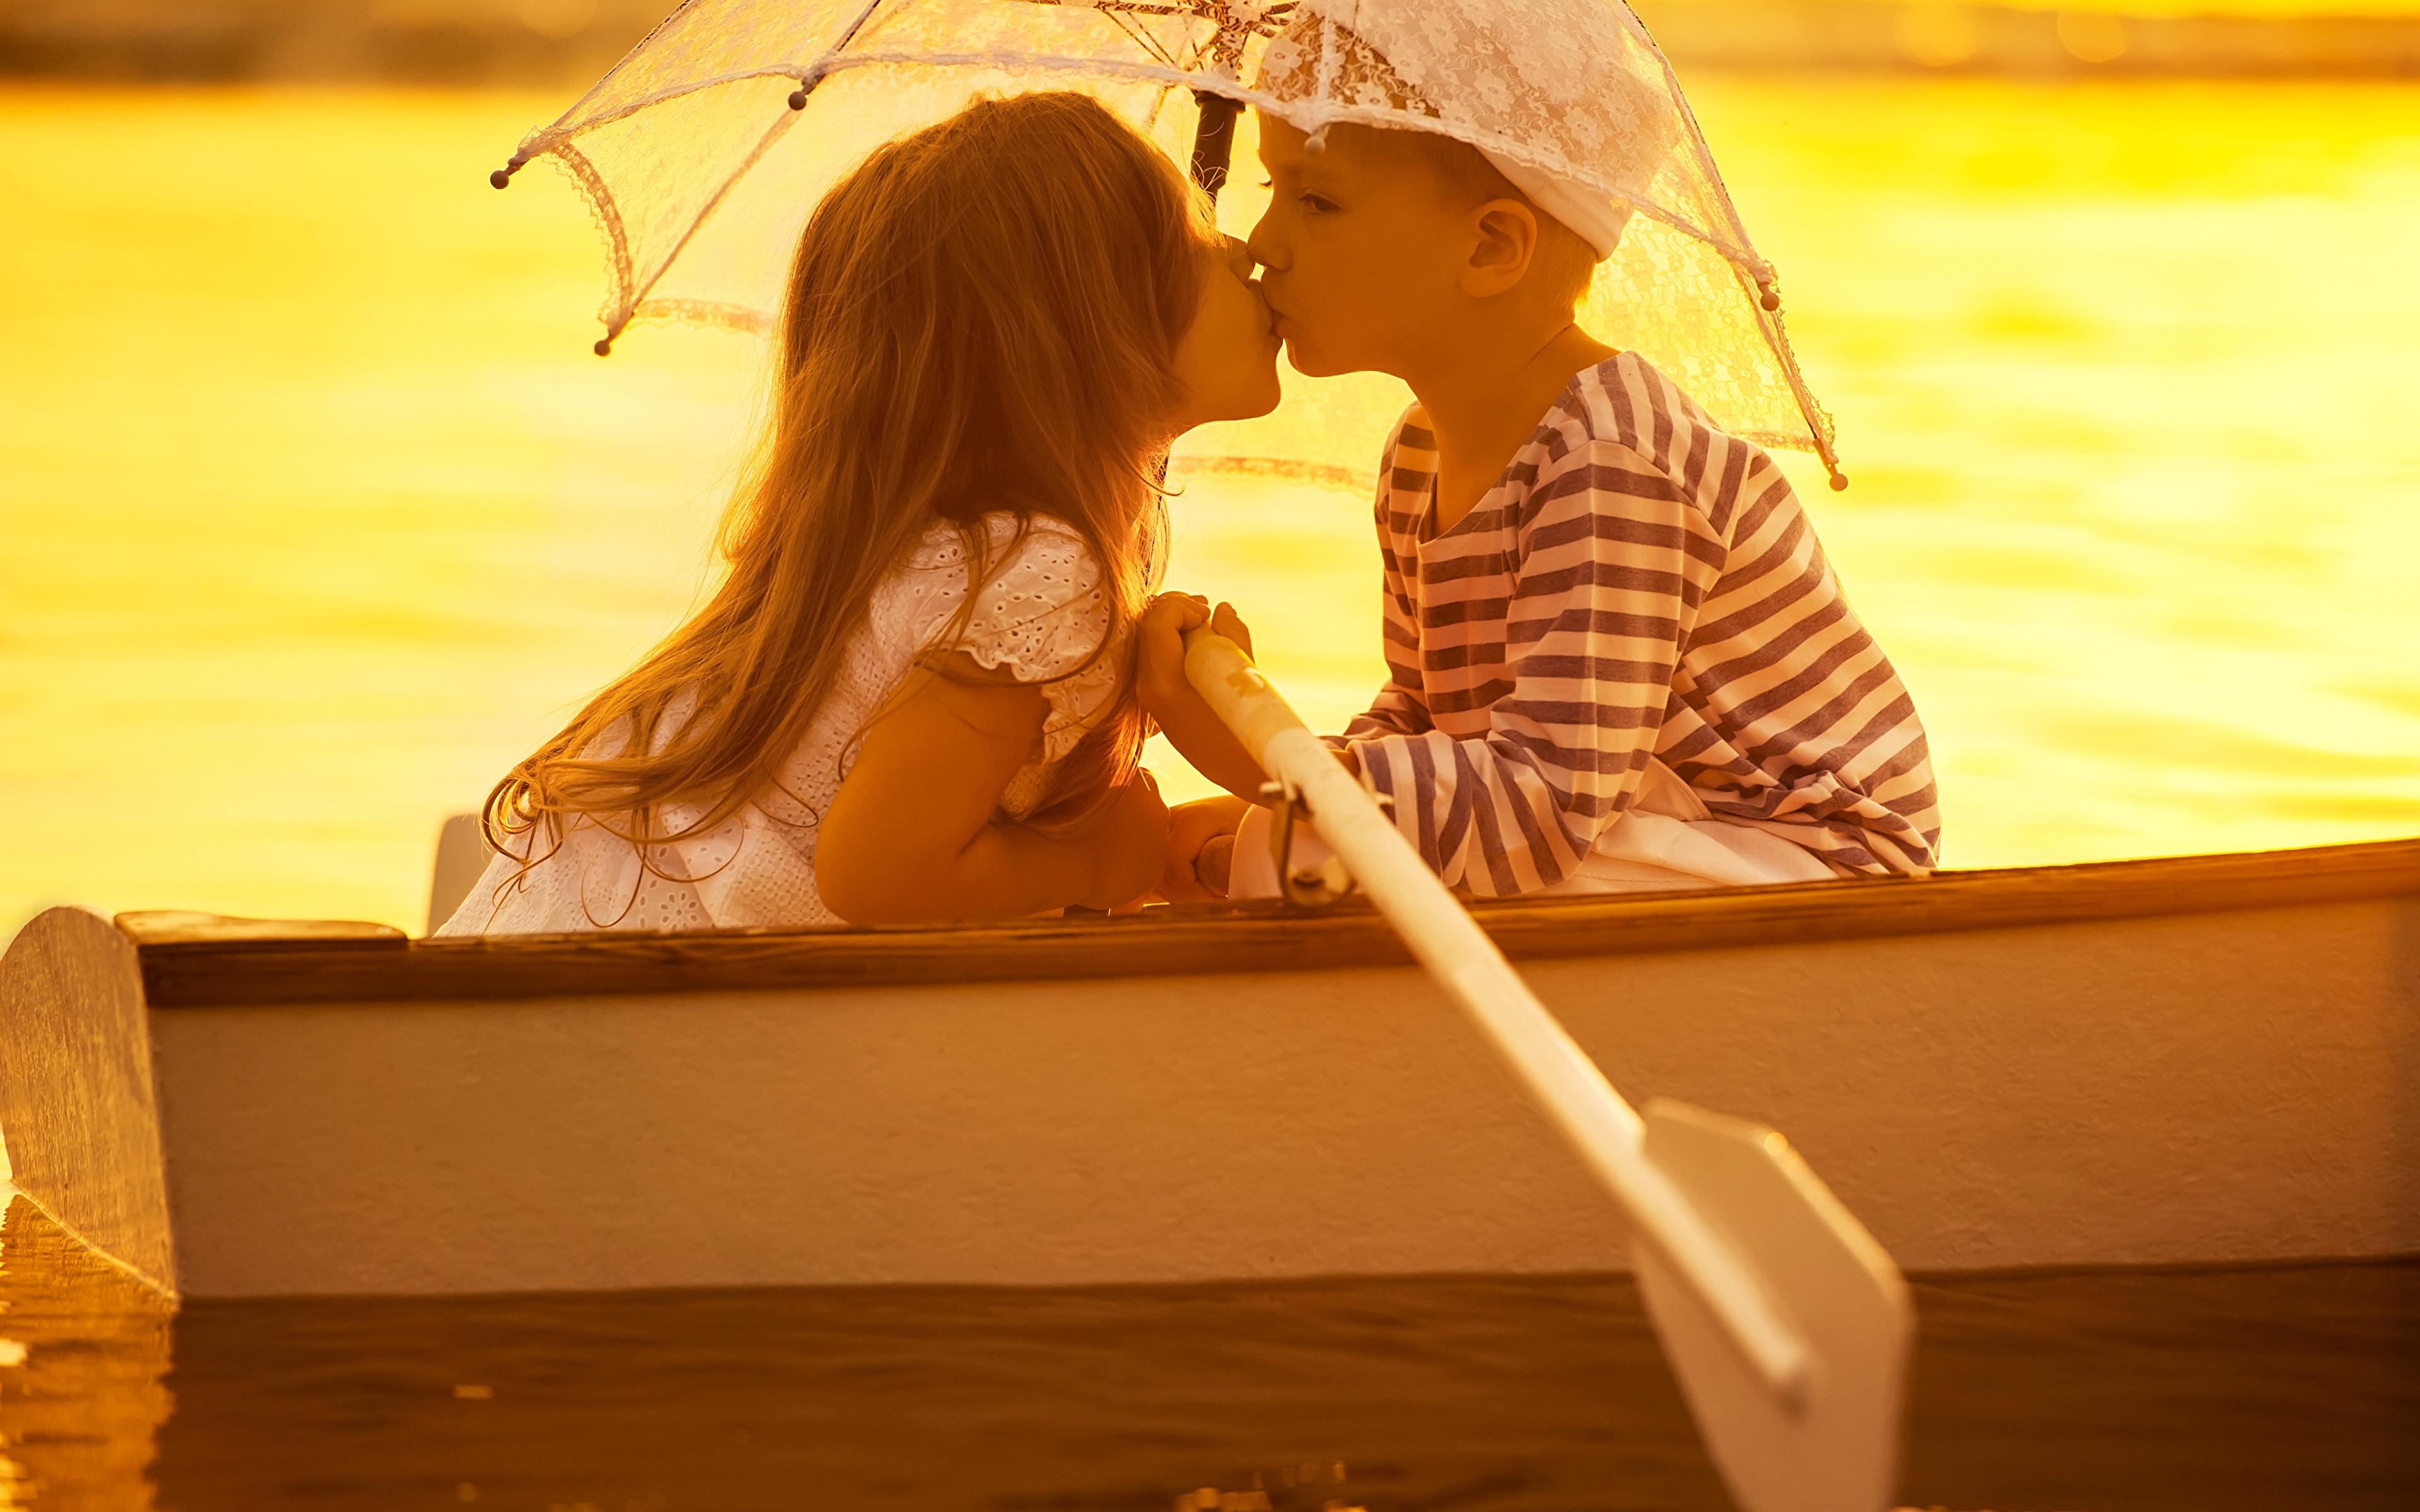 Картинки девочка мальчишки Свидание любовники Дети два Зонт Лодки 3840x2400 Девочки мальчик Мальчики мальчишка свидании Влюбленные пары ребёнок 2 две Двое вдвоем зонтом зонтик